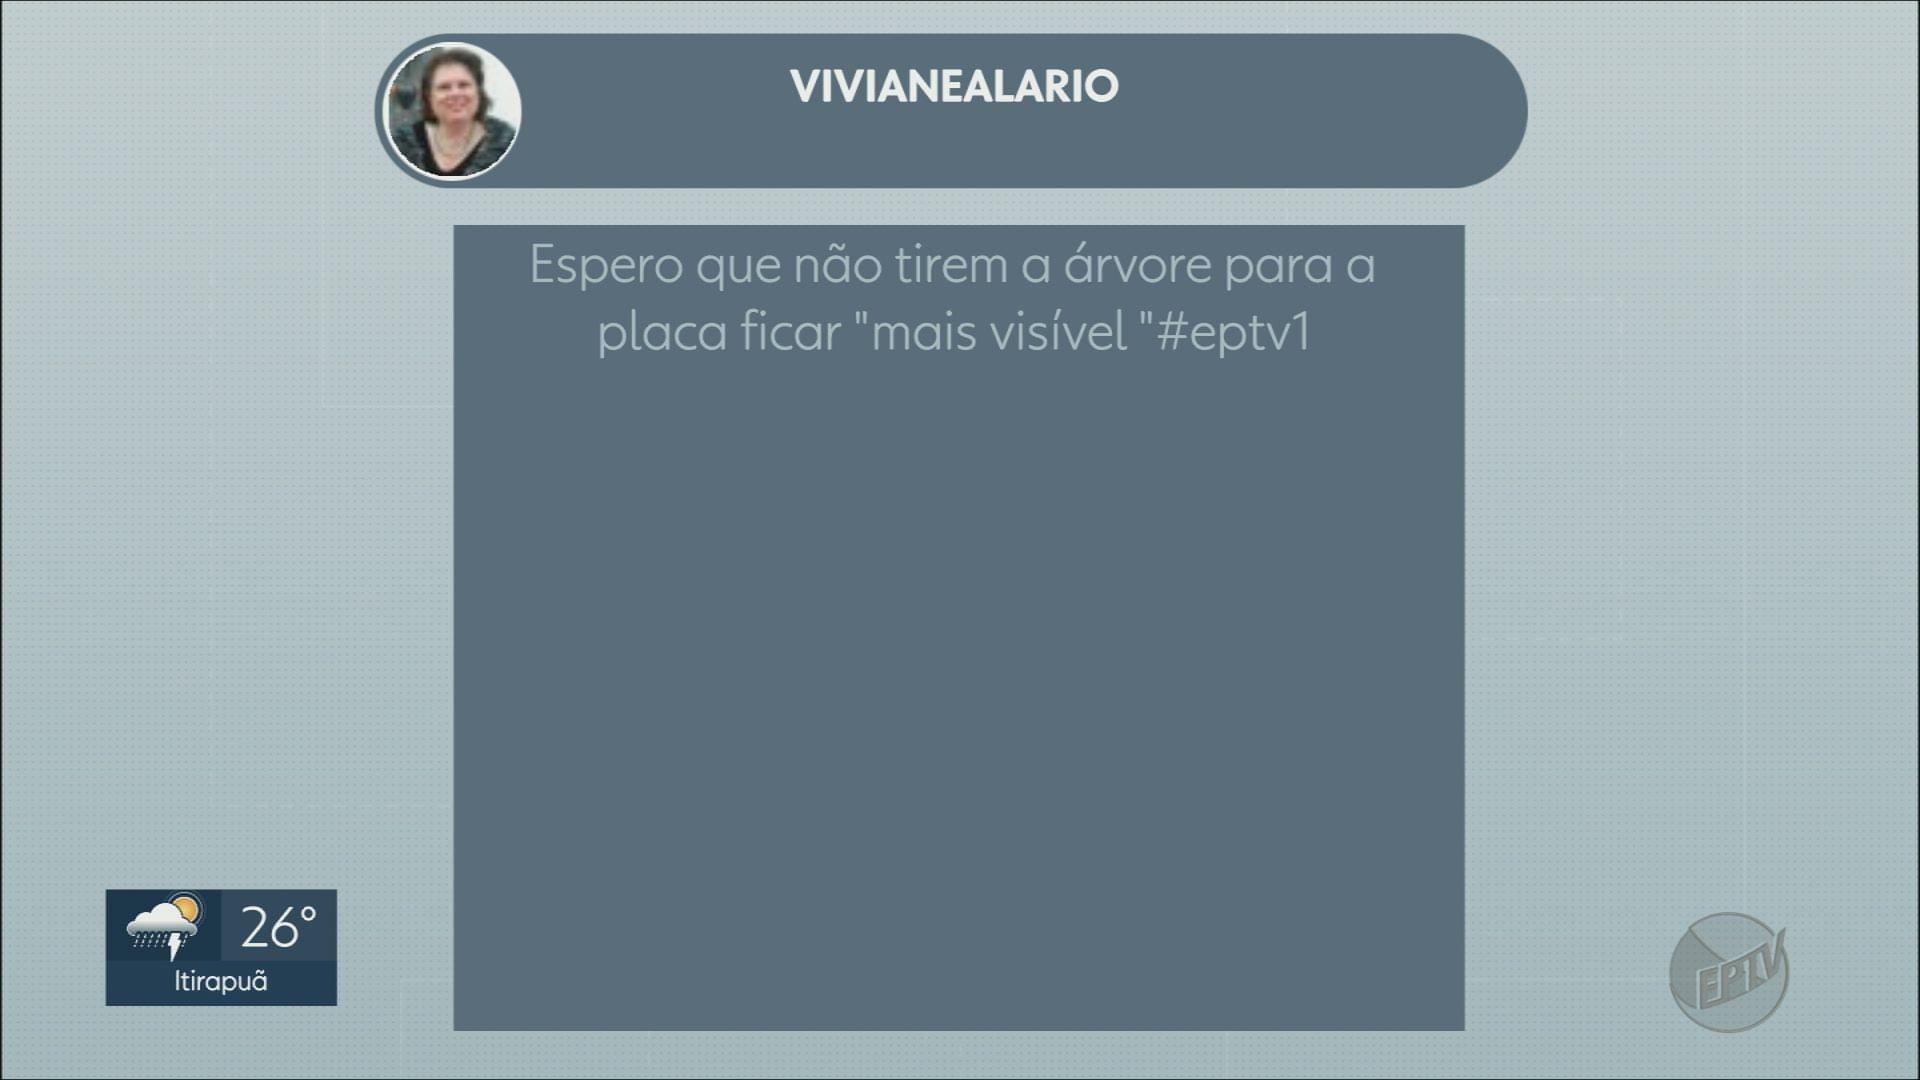 VÍDEOS: EPTV 1 Ribeirão Preto de quarta-feira, 21 de outubro de 2020